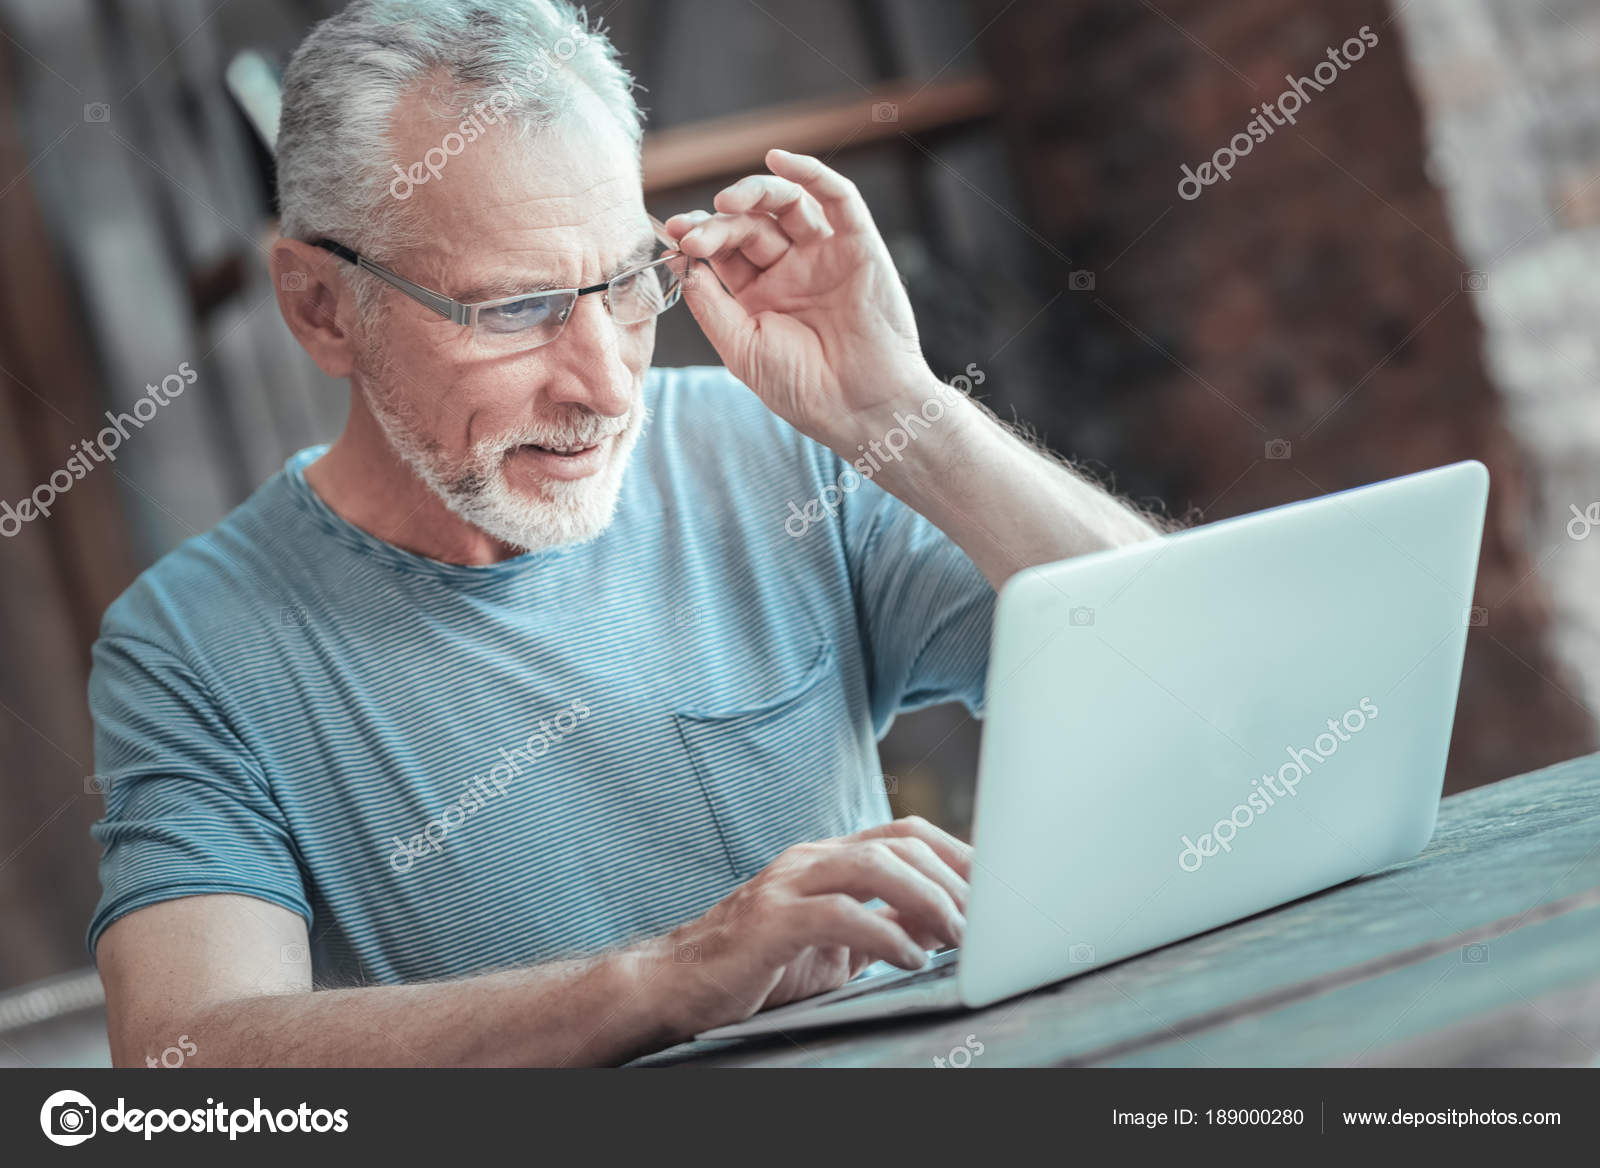 volný zaneprázdněný obrázek lisa ann tube porn